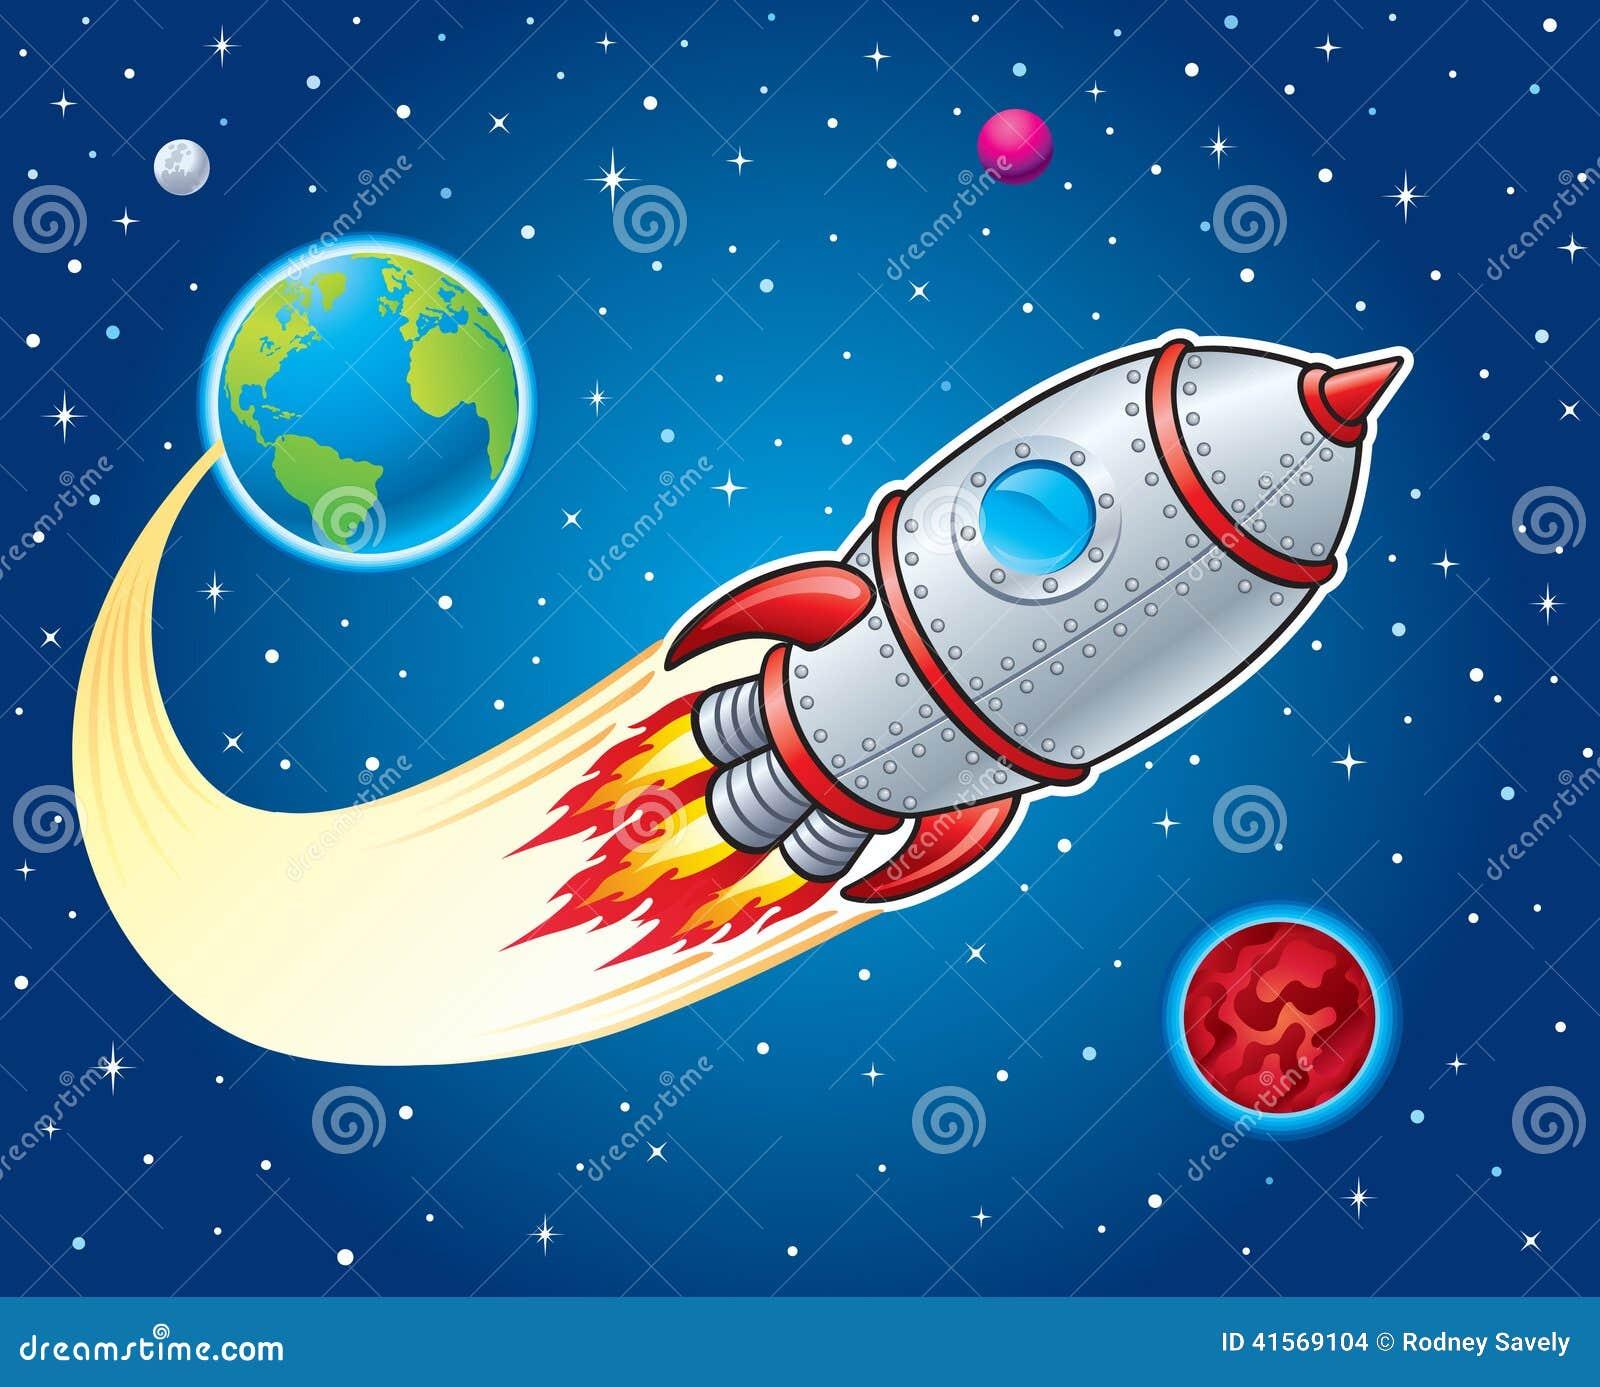 Рисунок космическая планета